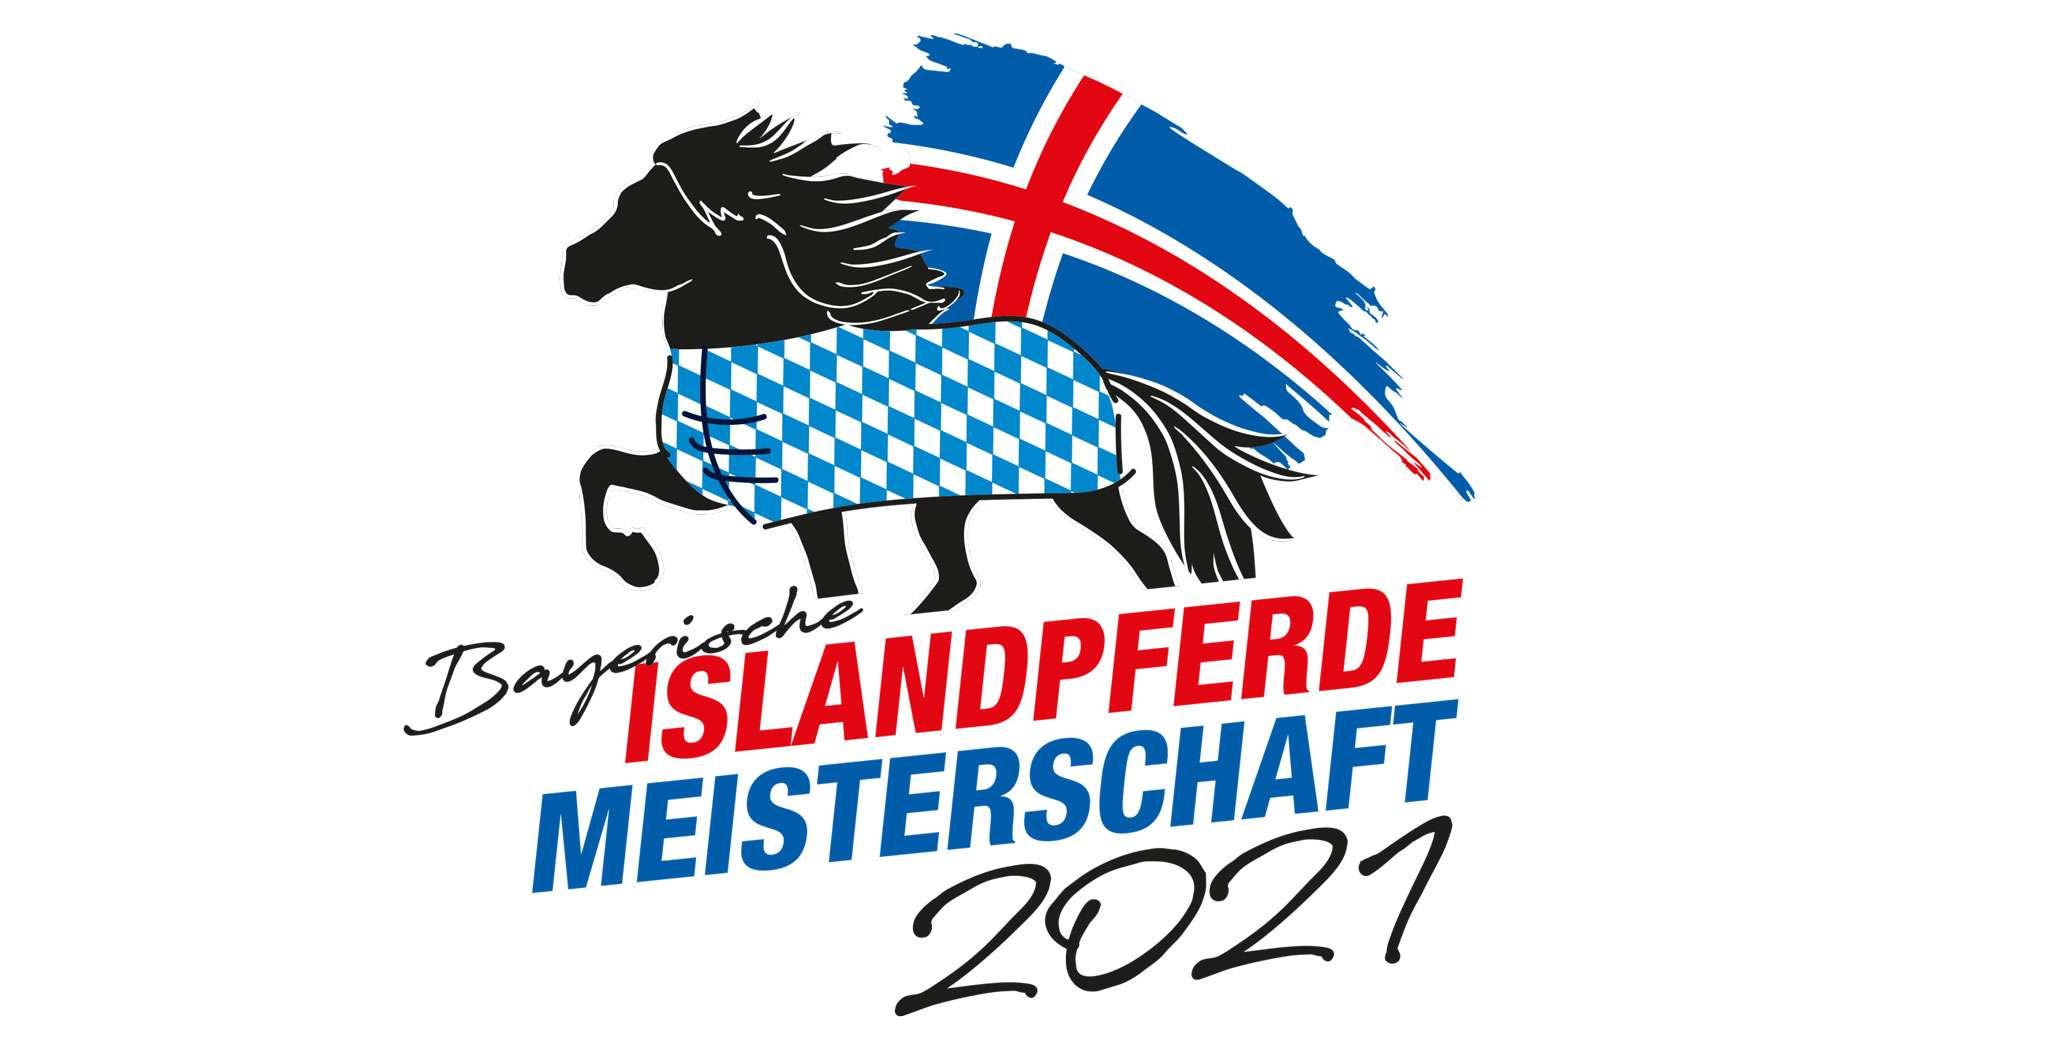 Bayerische Islandpferde Meisterschaft 2021